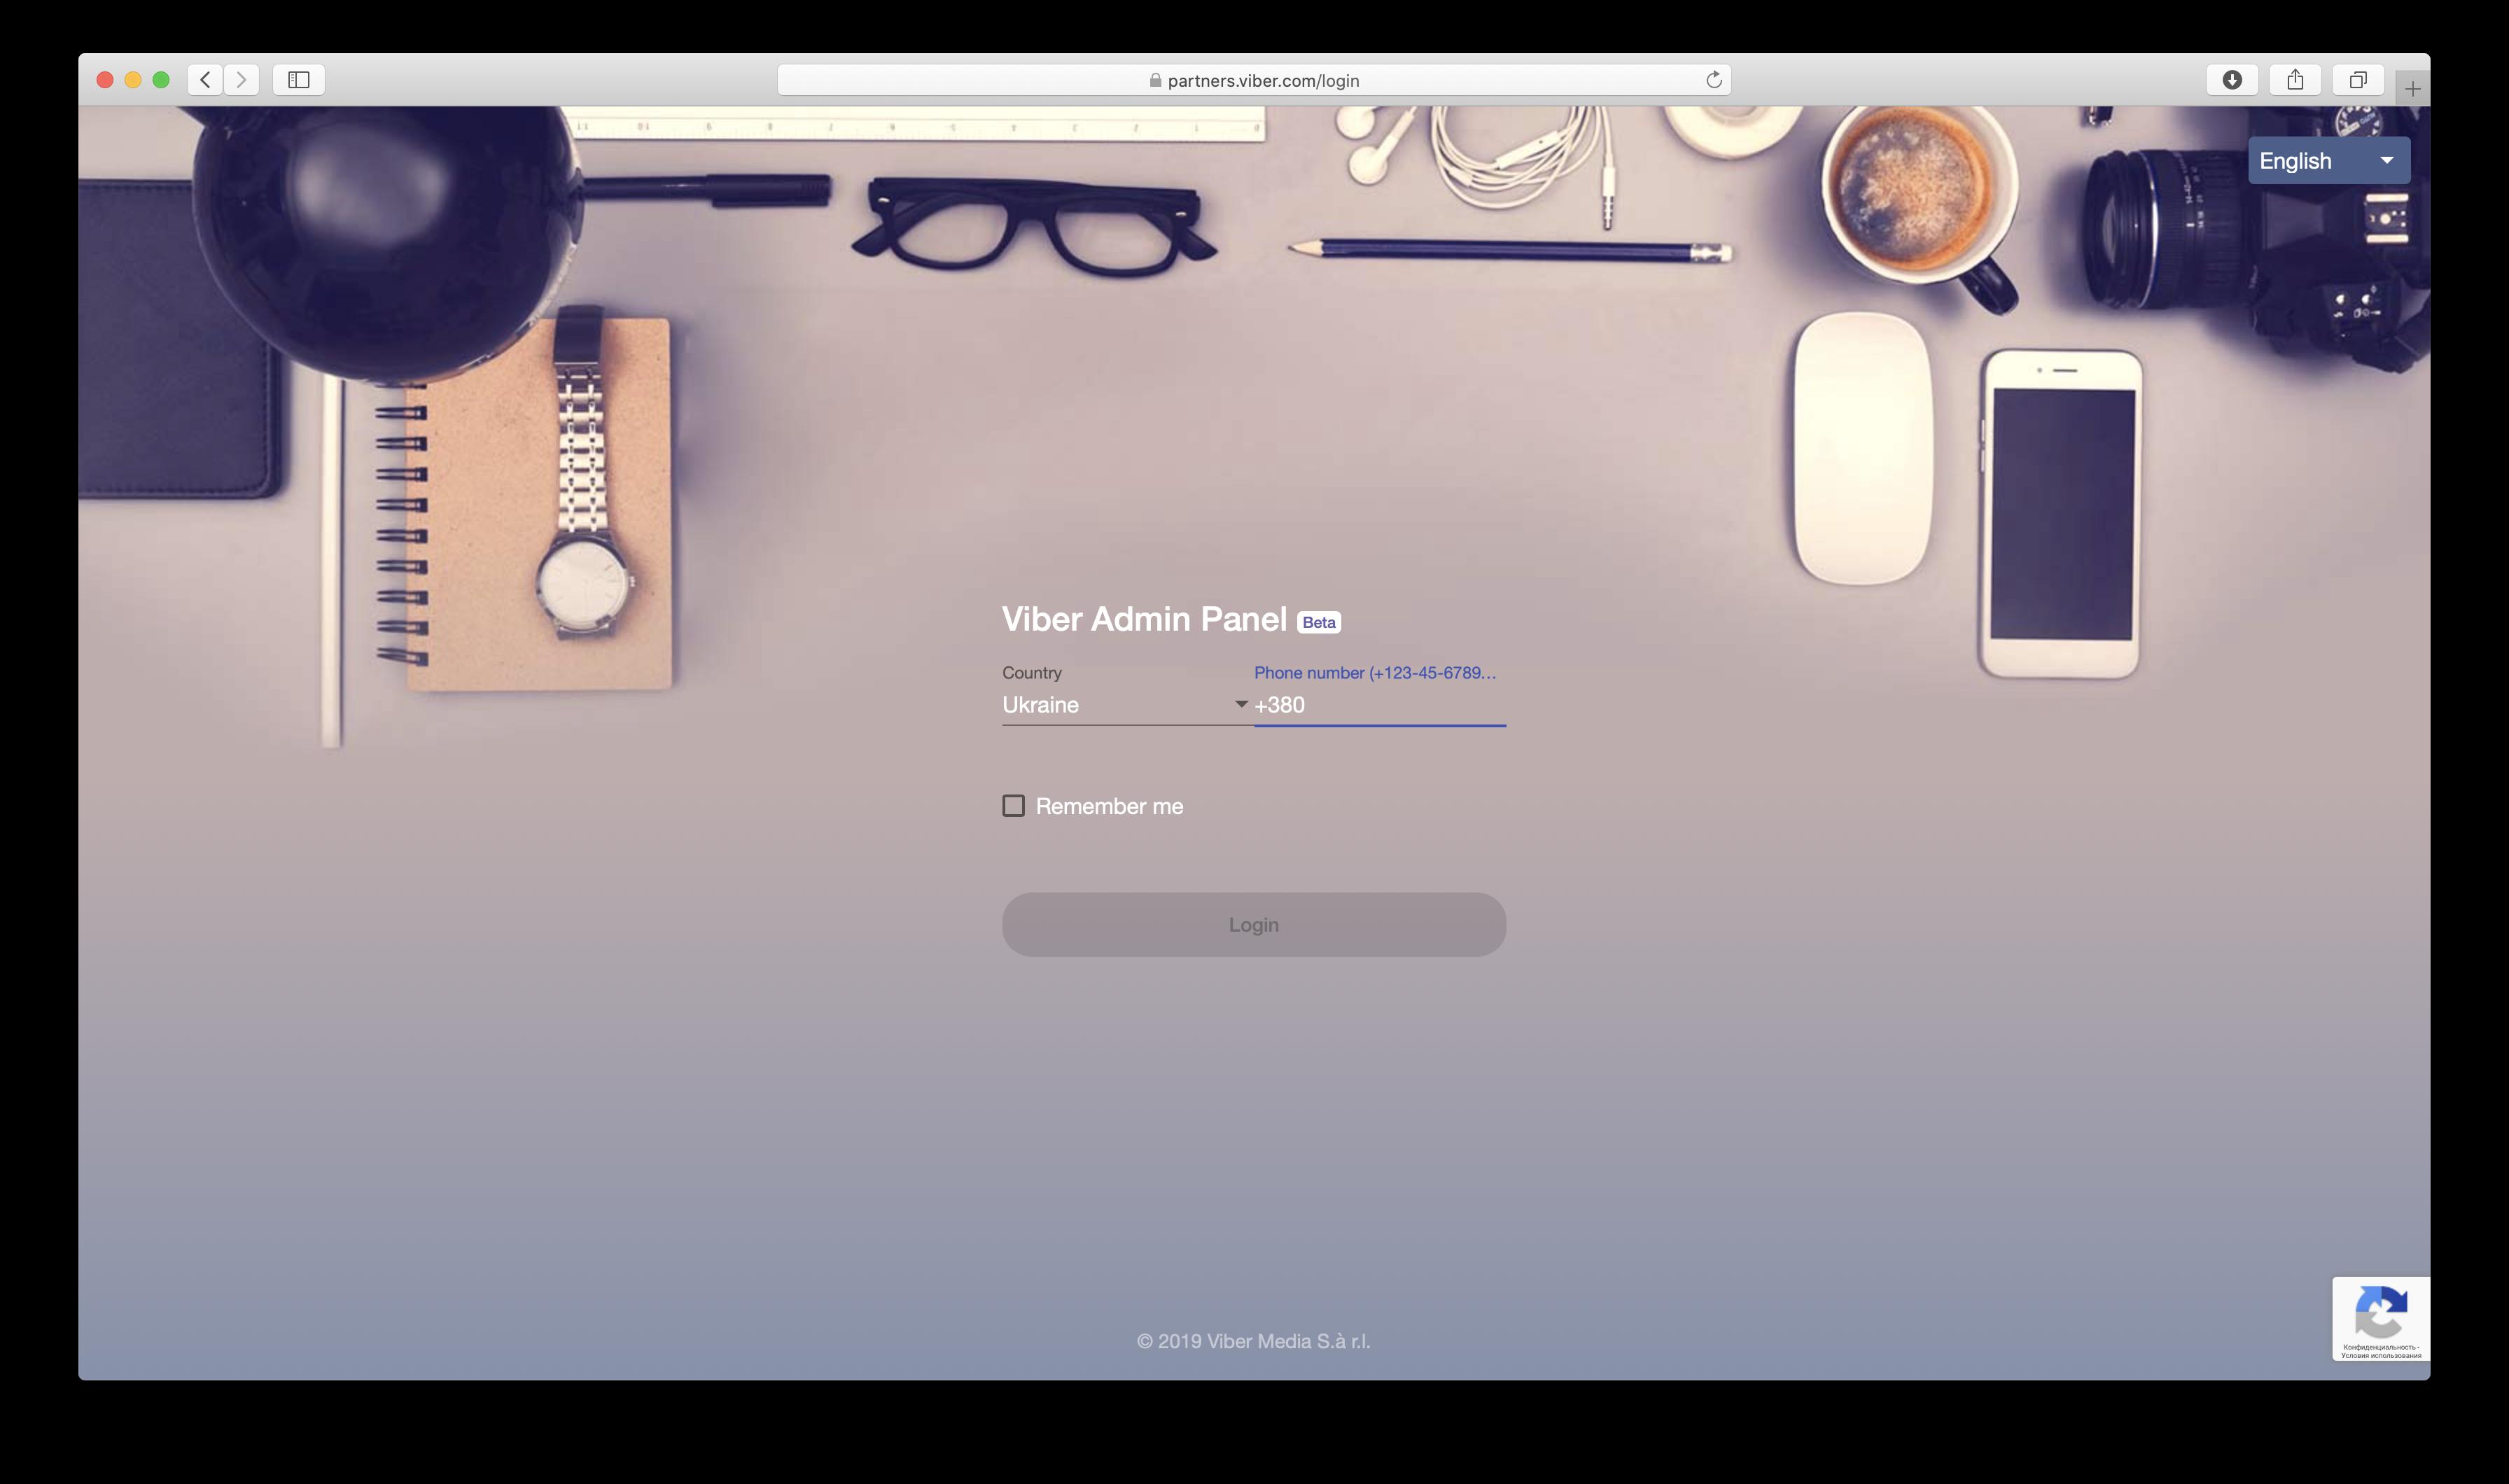 API Token Viber